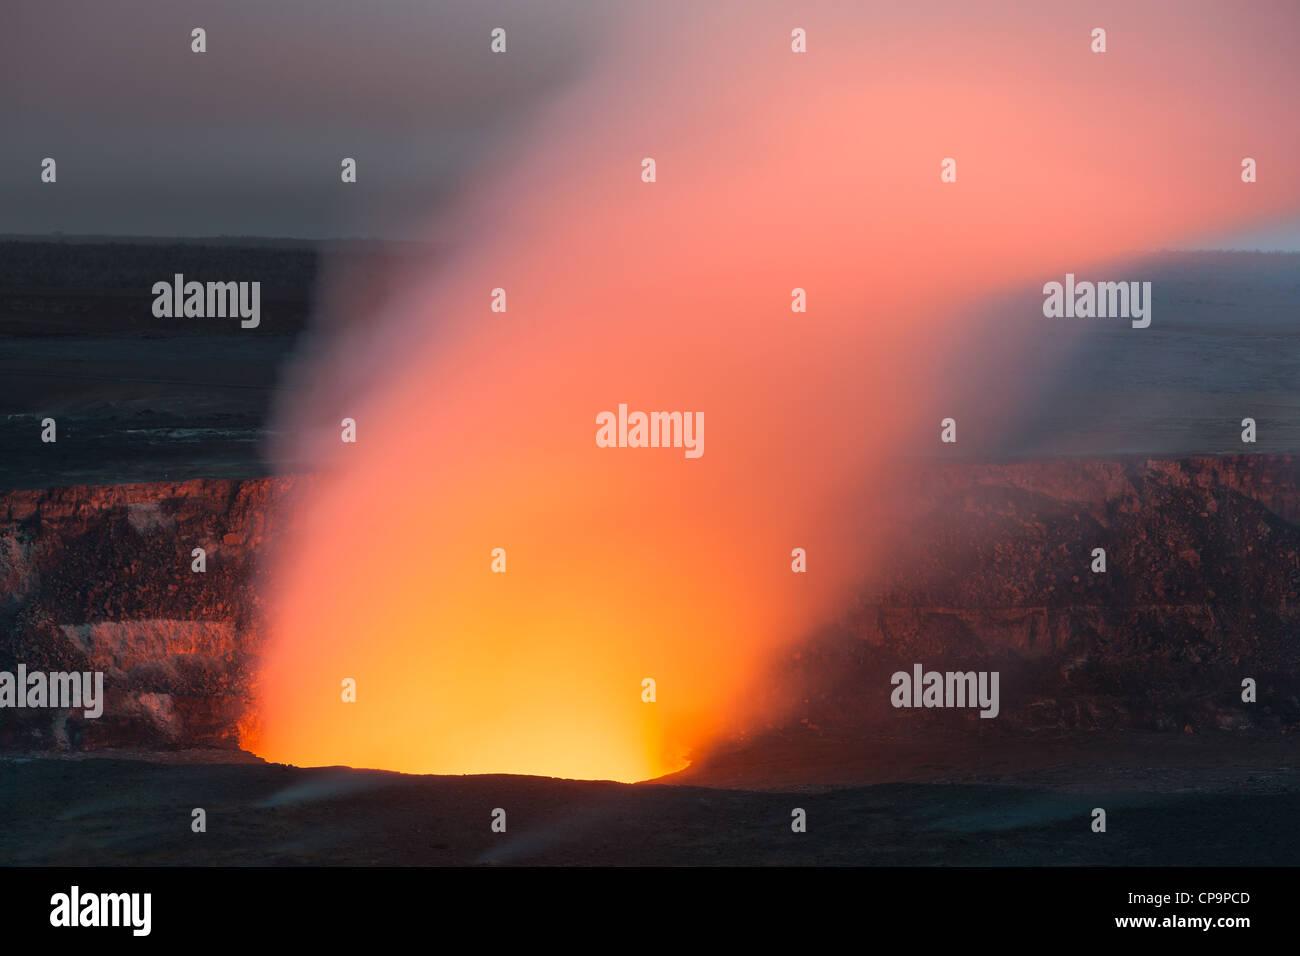 Halemaumau Caldera in Hawaii Volcanoes National Park, The Big Island, Hawaii - Stock Image